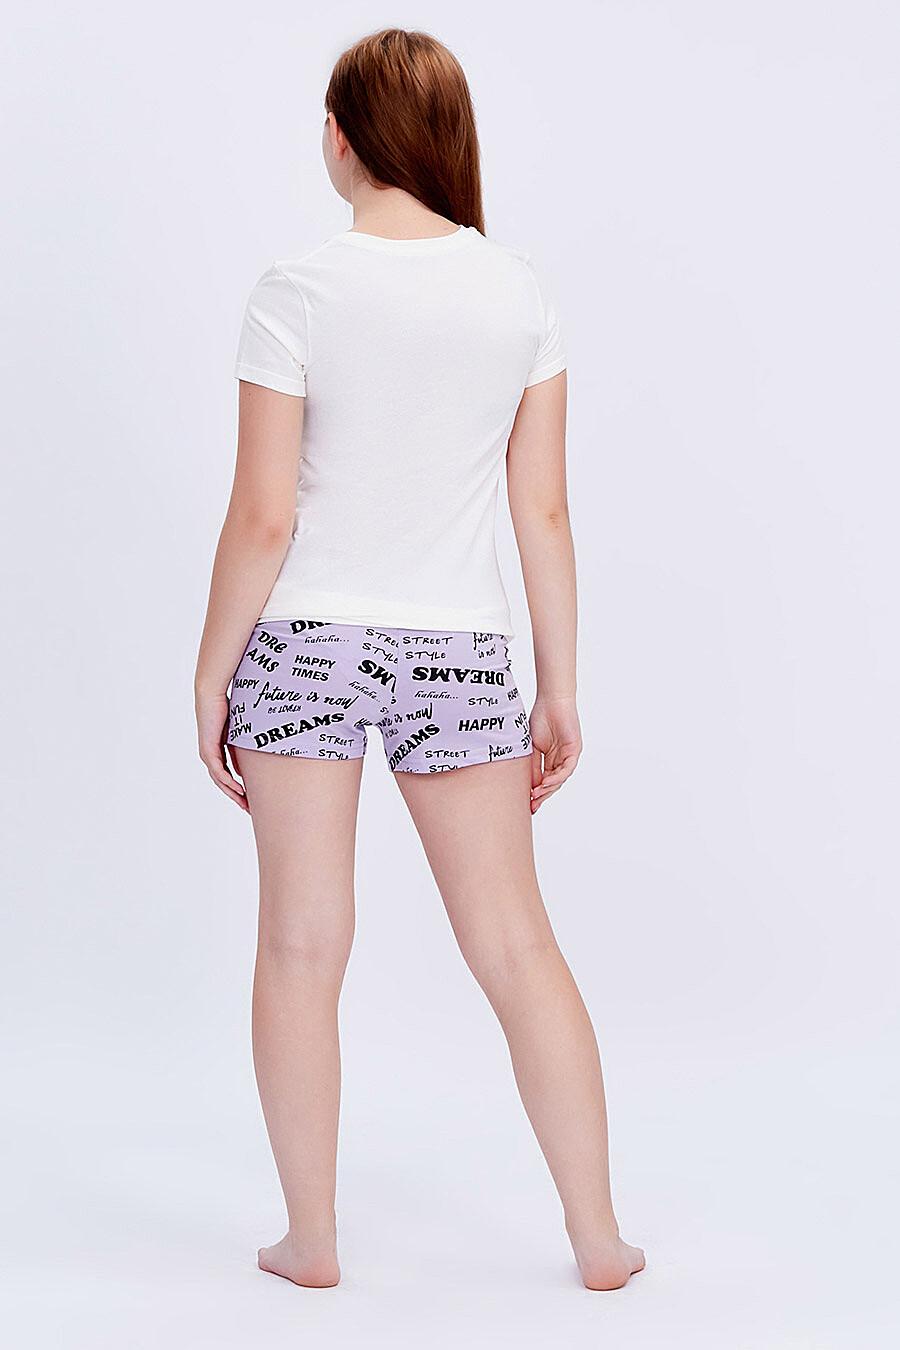 Комплект (Футболка+Шорты) для девочек ROXY FOXY 707351 купить оптом от производителя. Совместная покупка детской одежды в OptMoyo